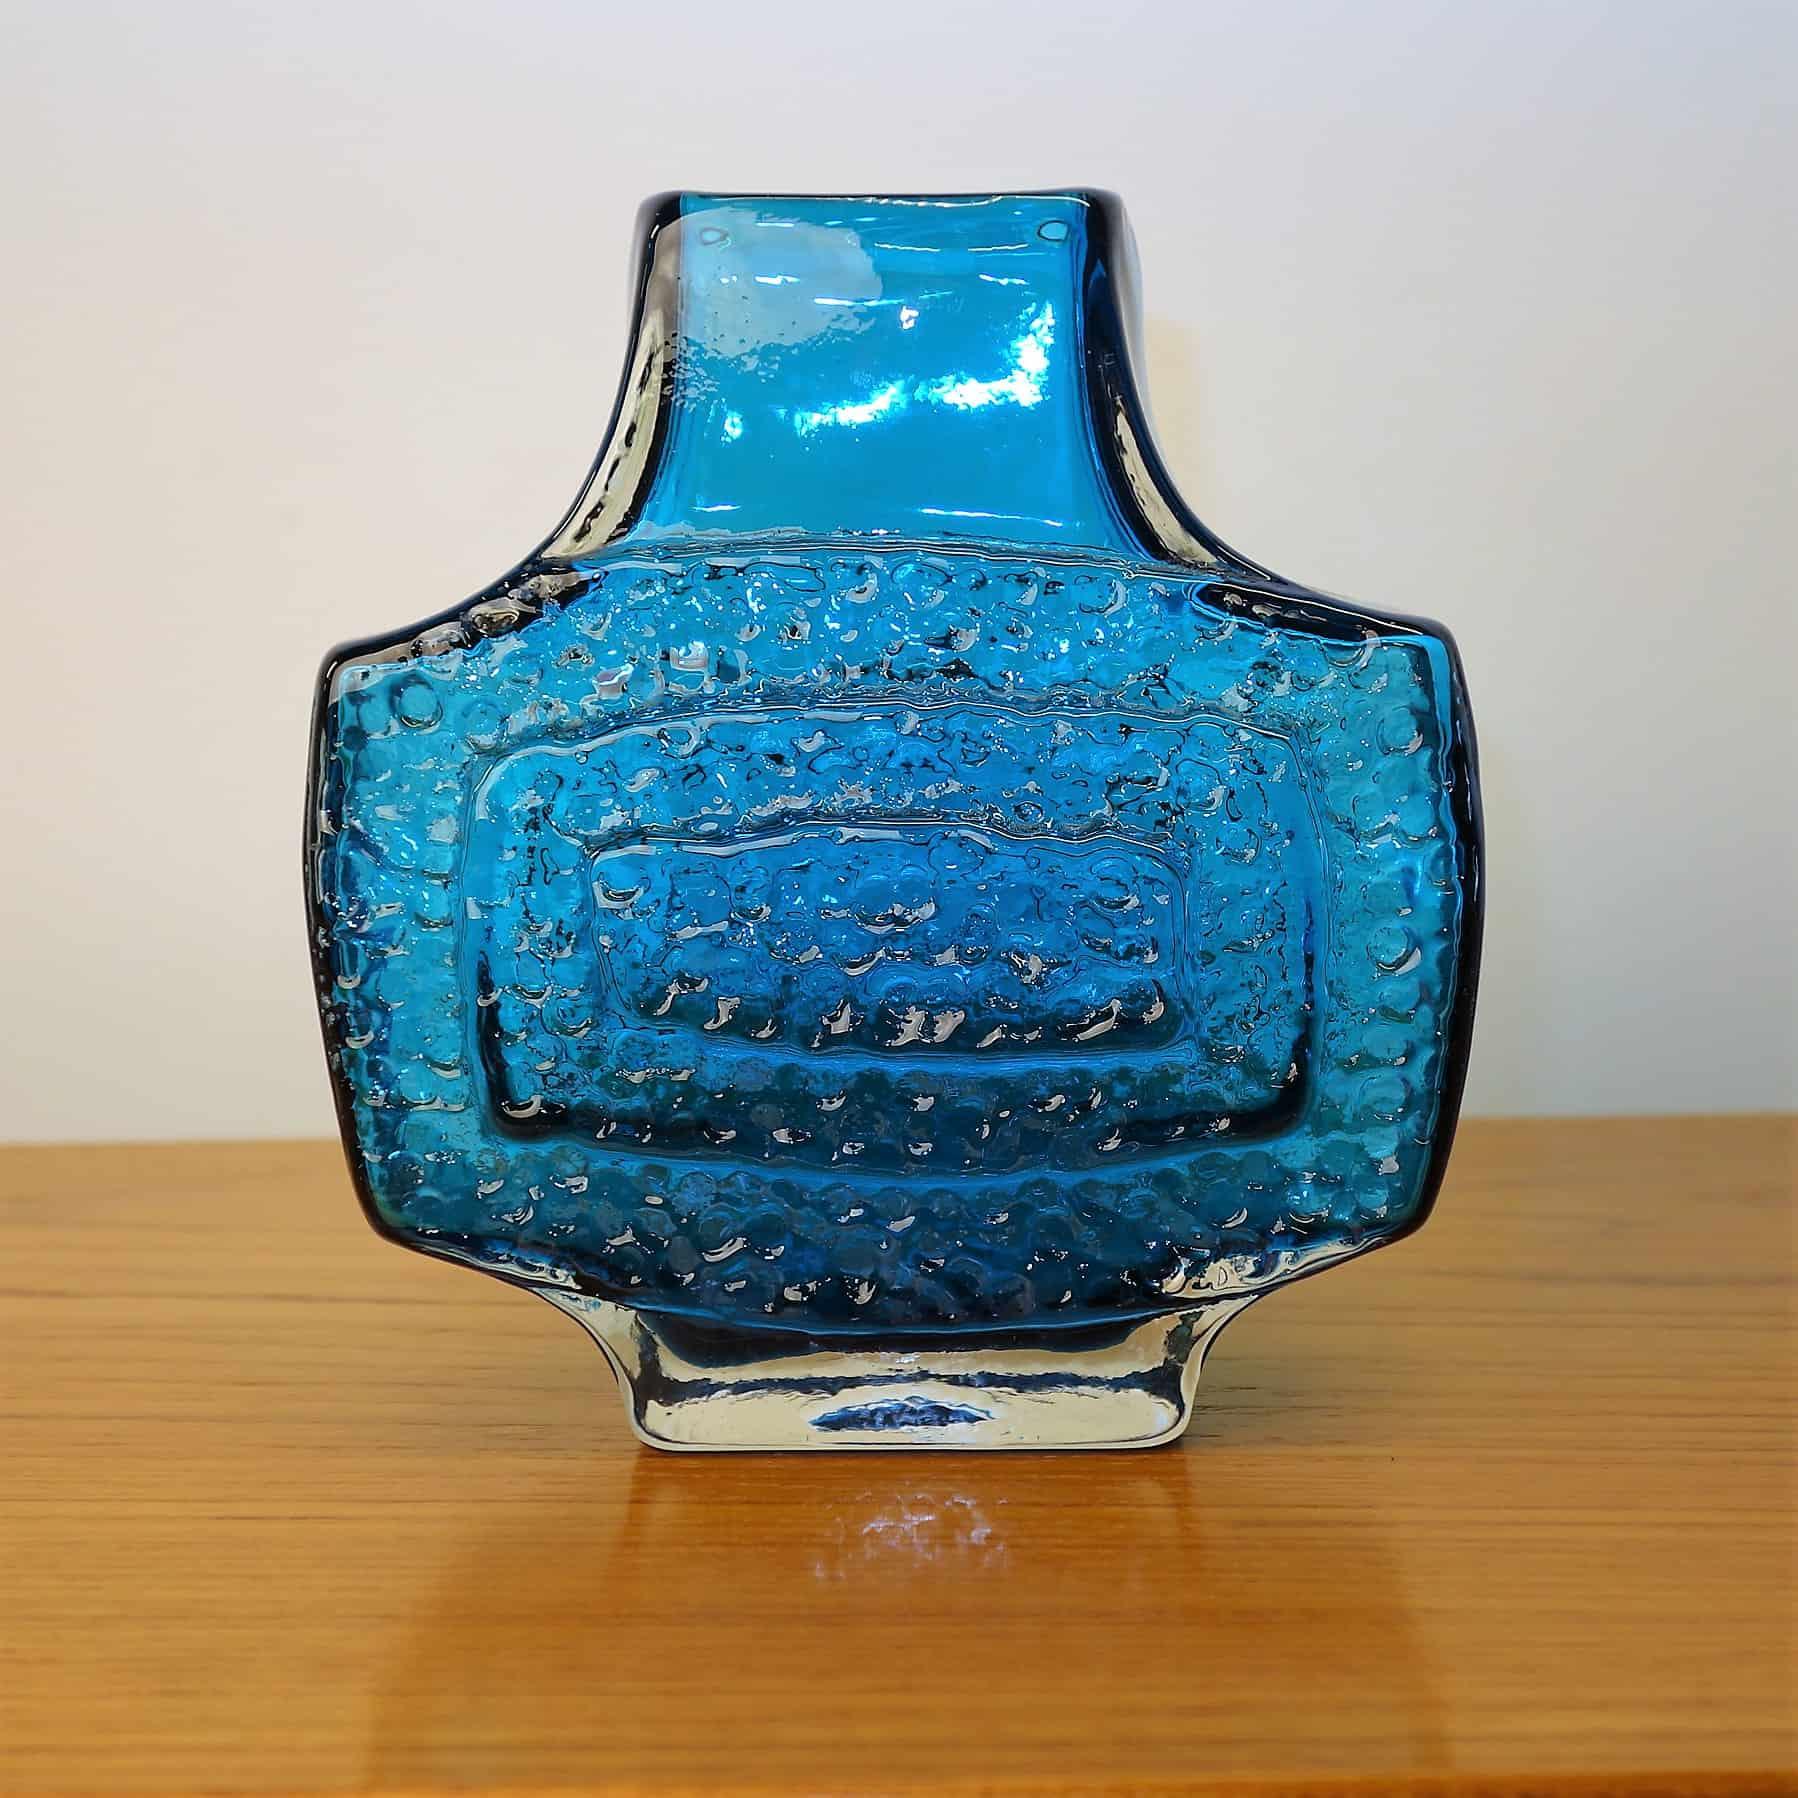 Whitefriars blue TV vase by Geoffrey Baxter